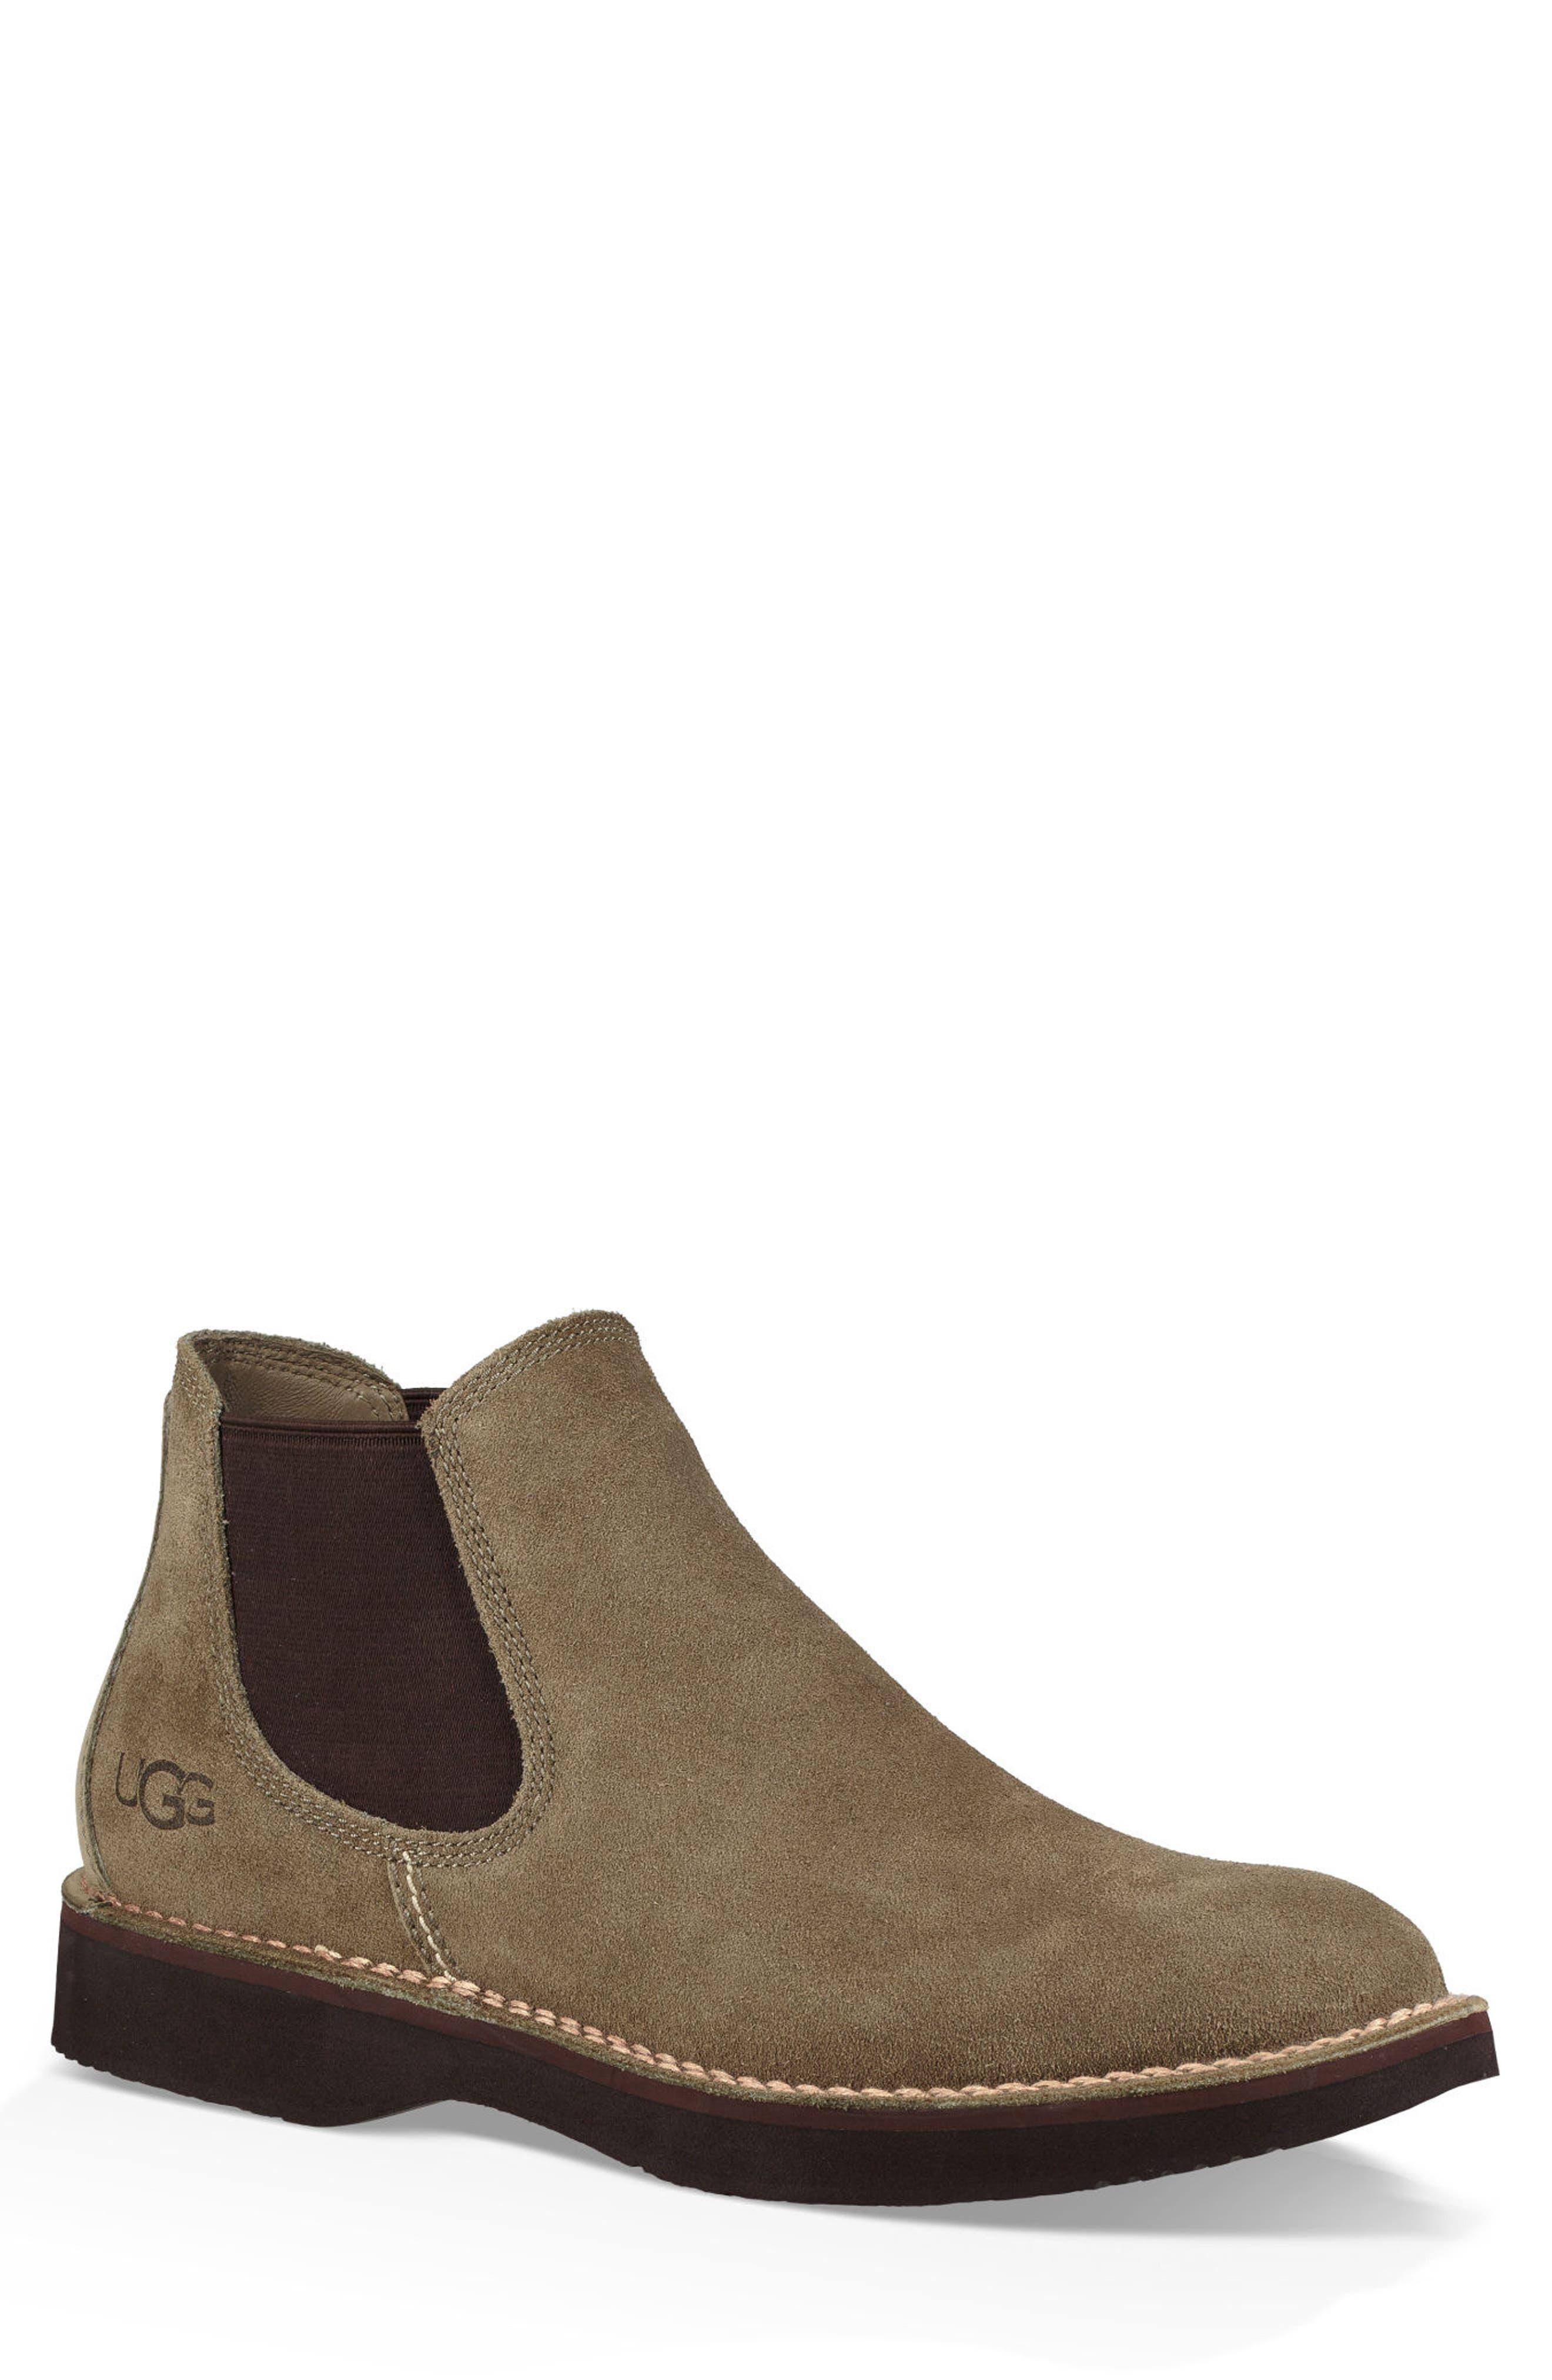 Ugg Camino Chelsea Boot, Beige